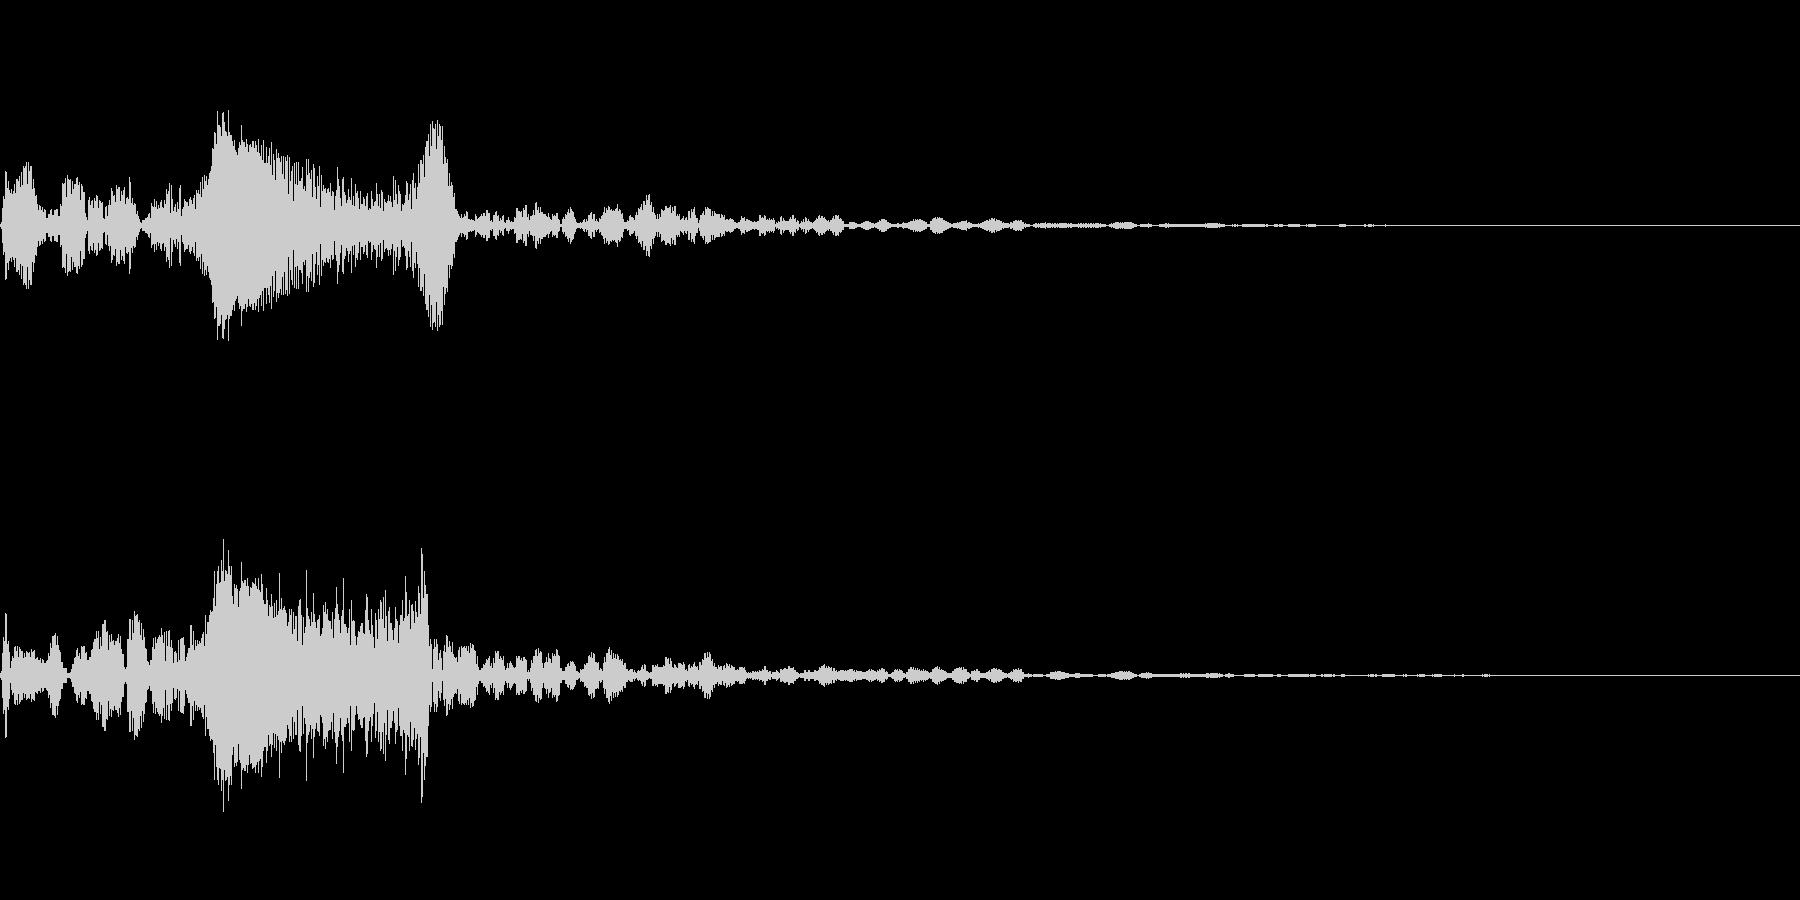 [シュン]キャンセル音の未再生の波形